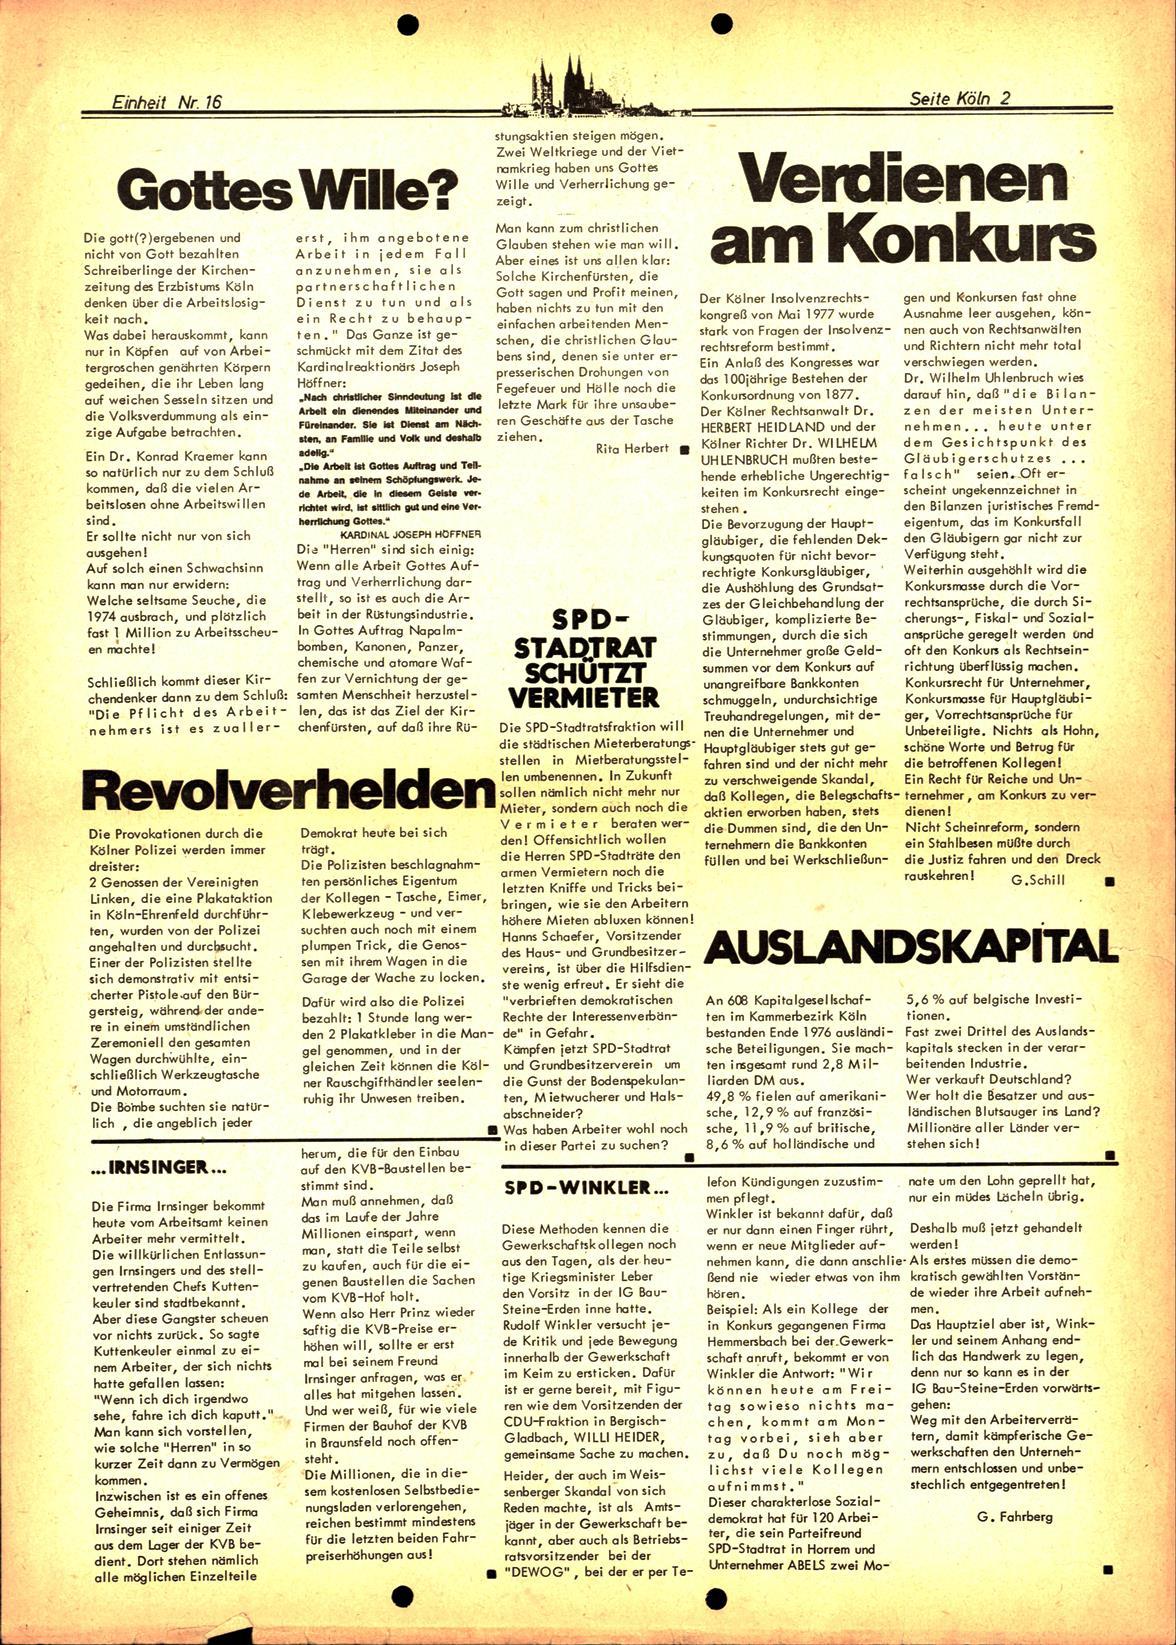 Koeln_IPdA_Einheit_1977_016_017